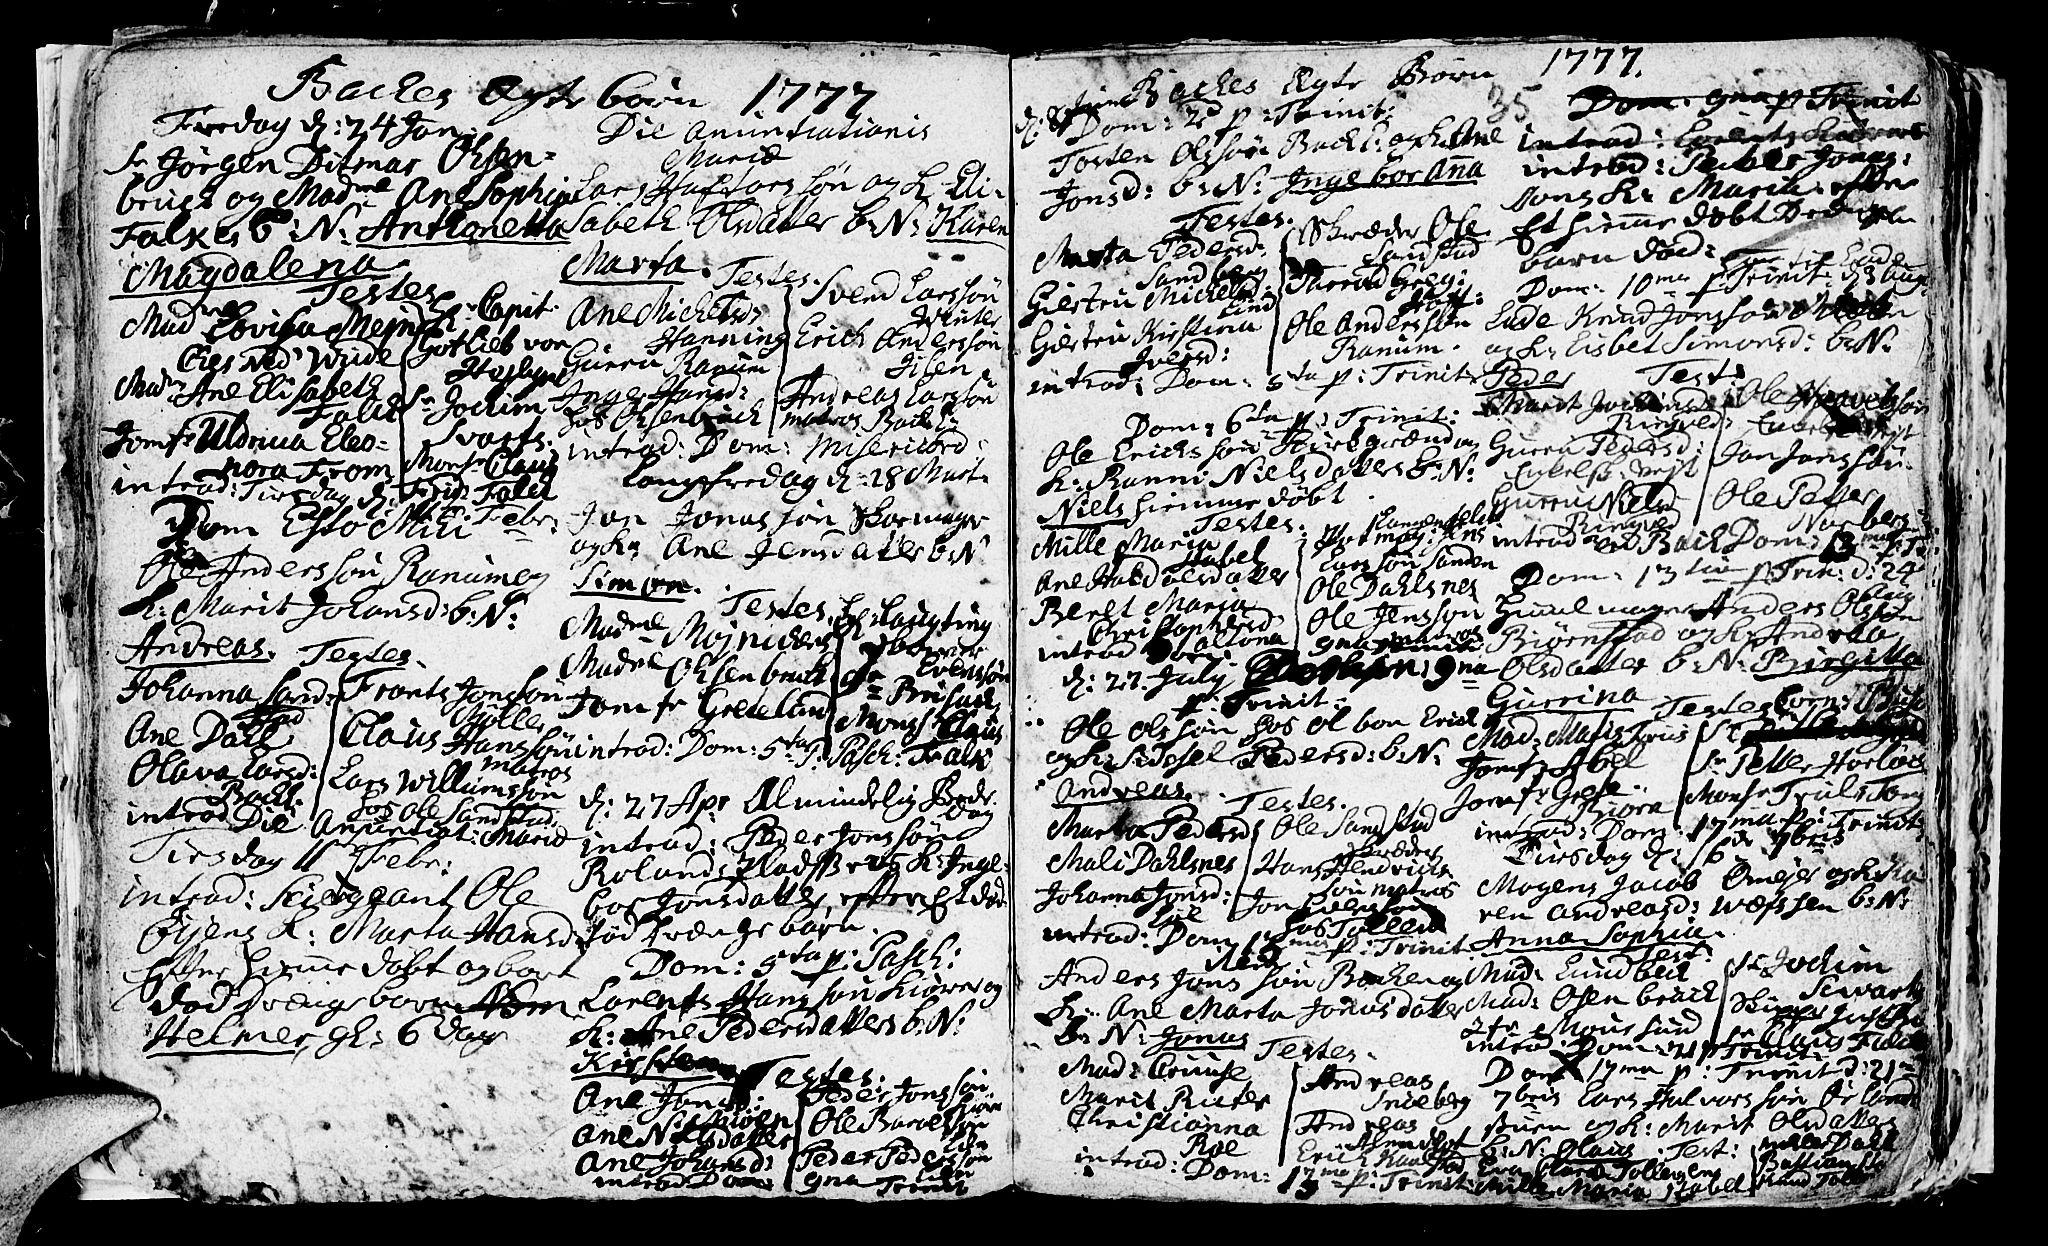 SAT, Ministerialprotokoller, klokkerbøker og fødselsregistre - Sør-Trøndelag, 604/L0218: Klokkerbok nr. 604C01, 1754-1819, s. 35